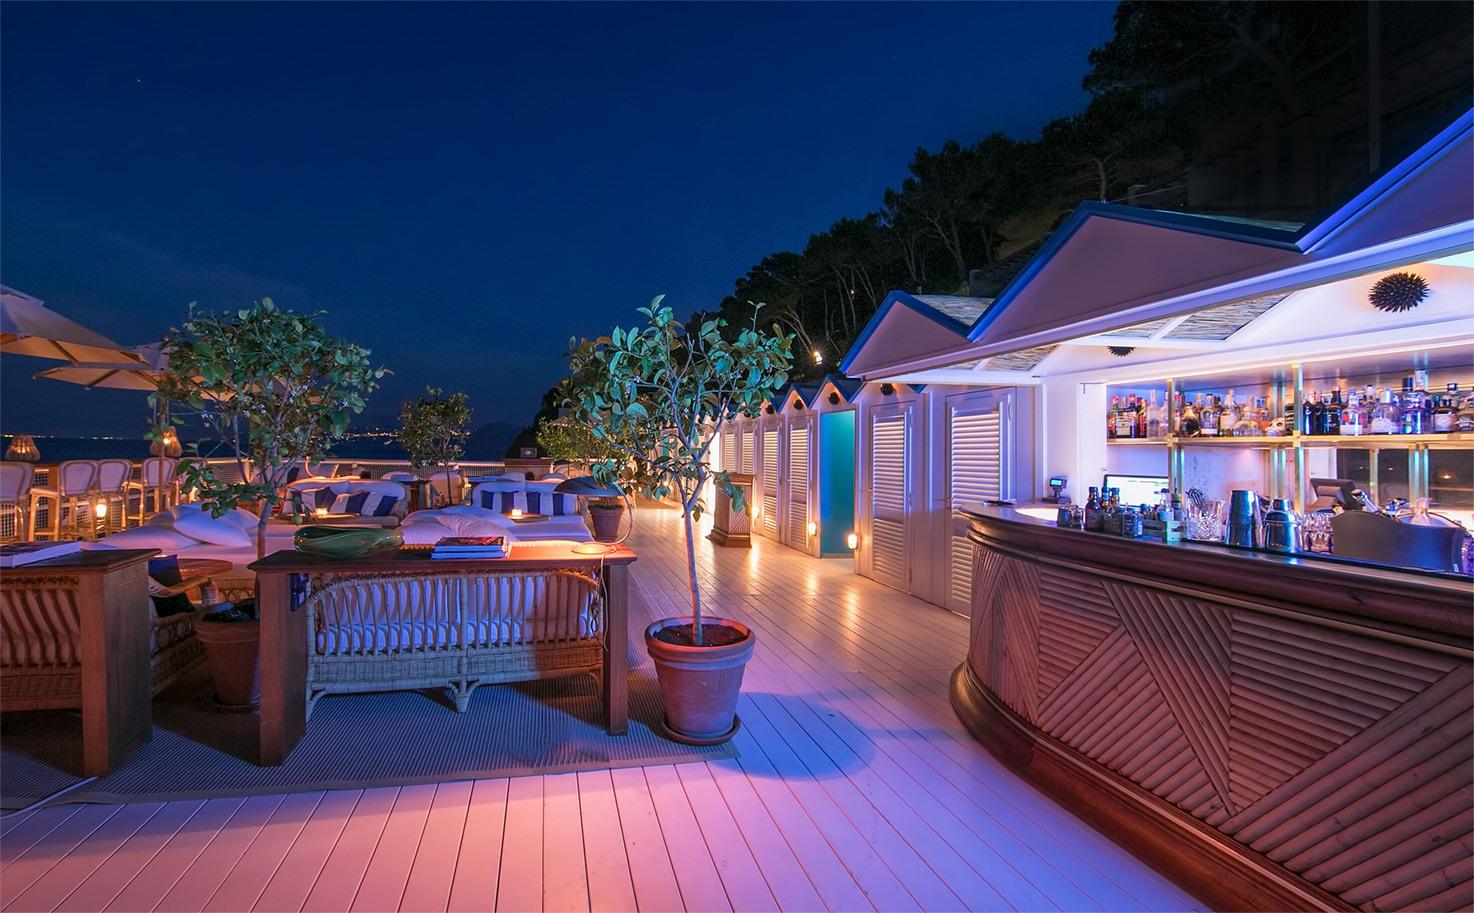 Il Riccio terrace bar at night